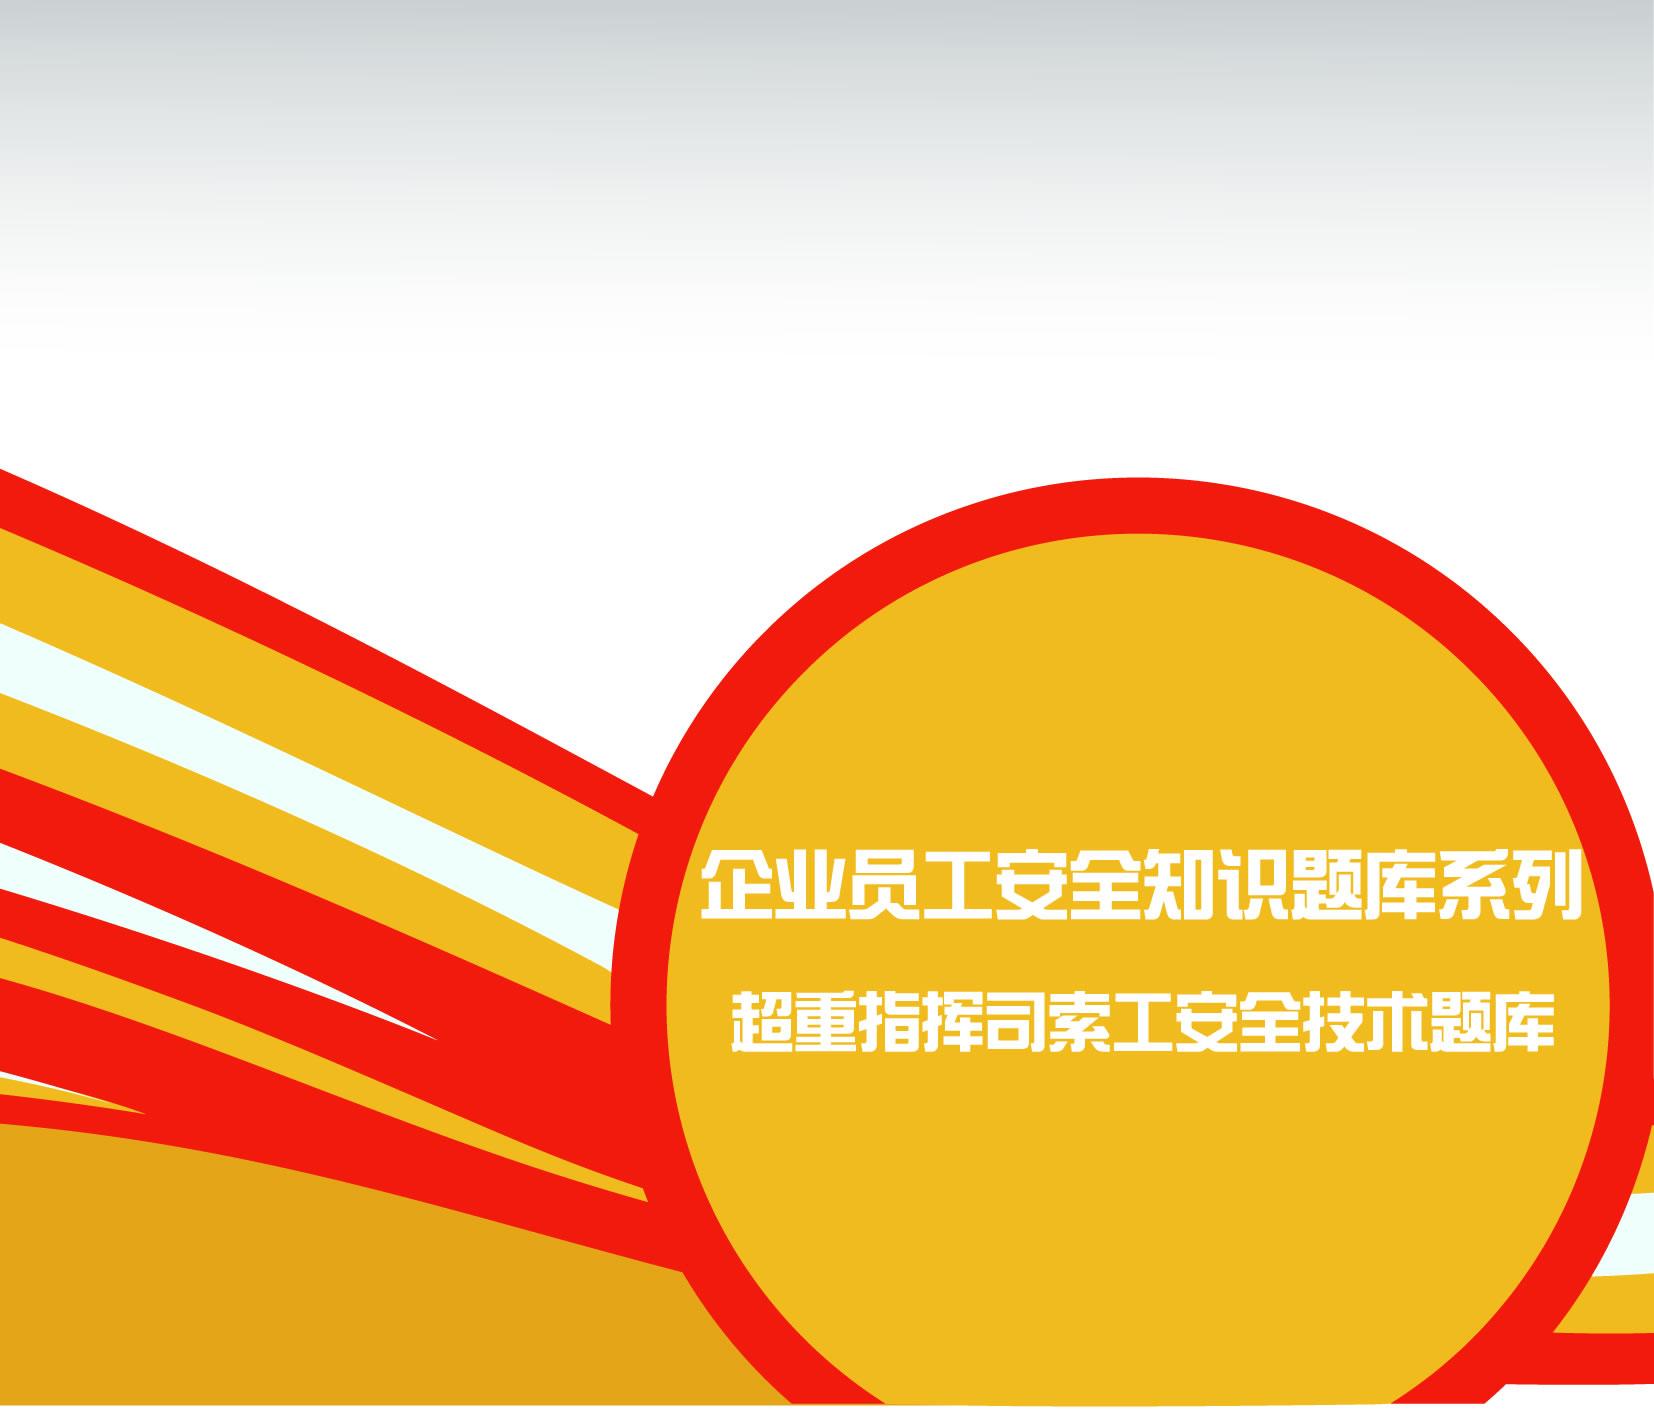 超重指挥司索工腾博会技术题库(一片CD-ROM)